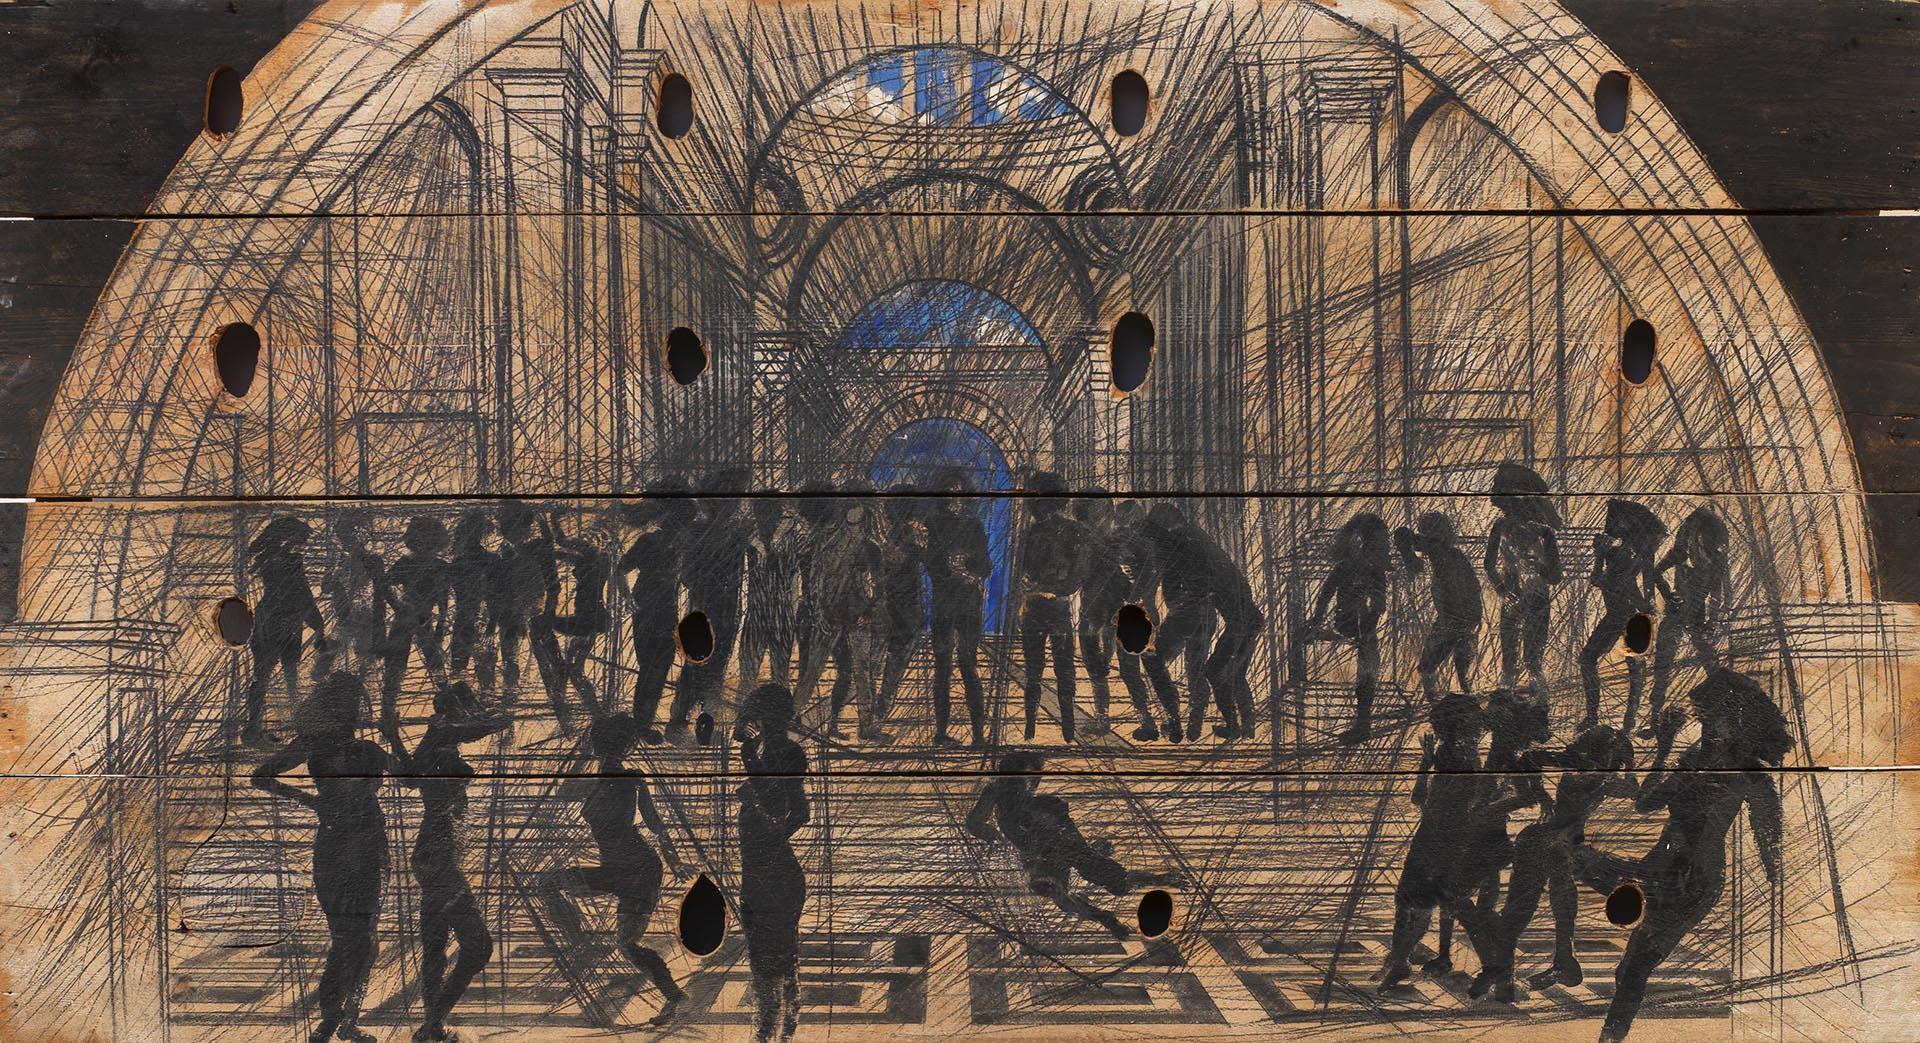 Ceroli, La scuola di Atene, 1981, 117x216x5 cm